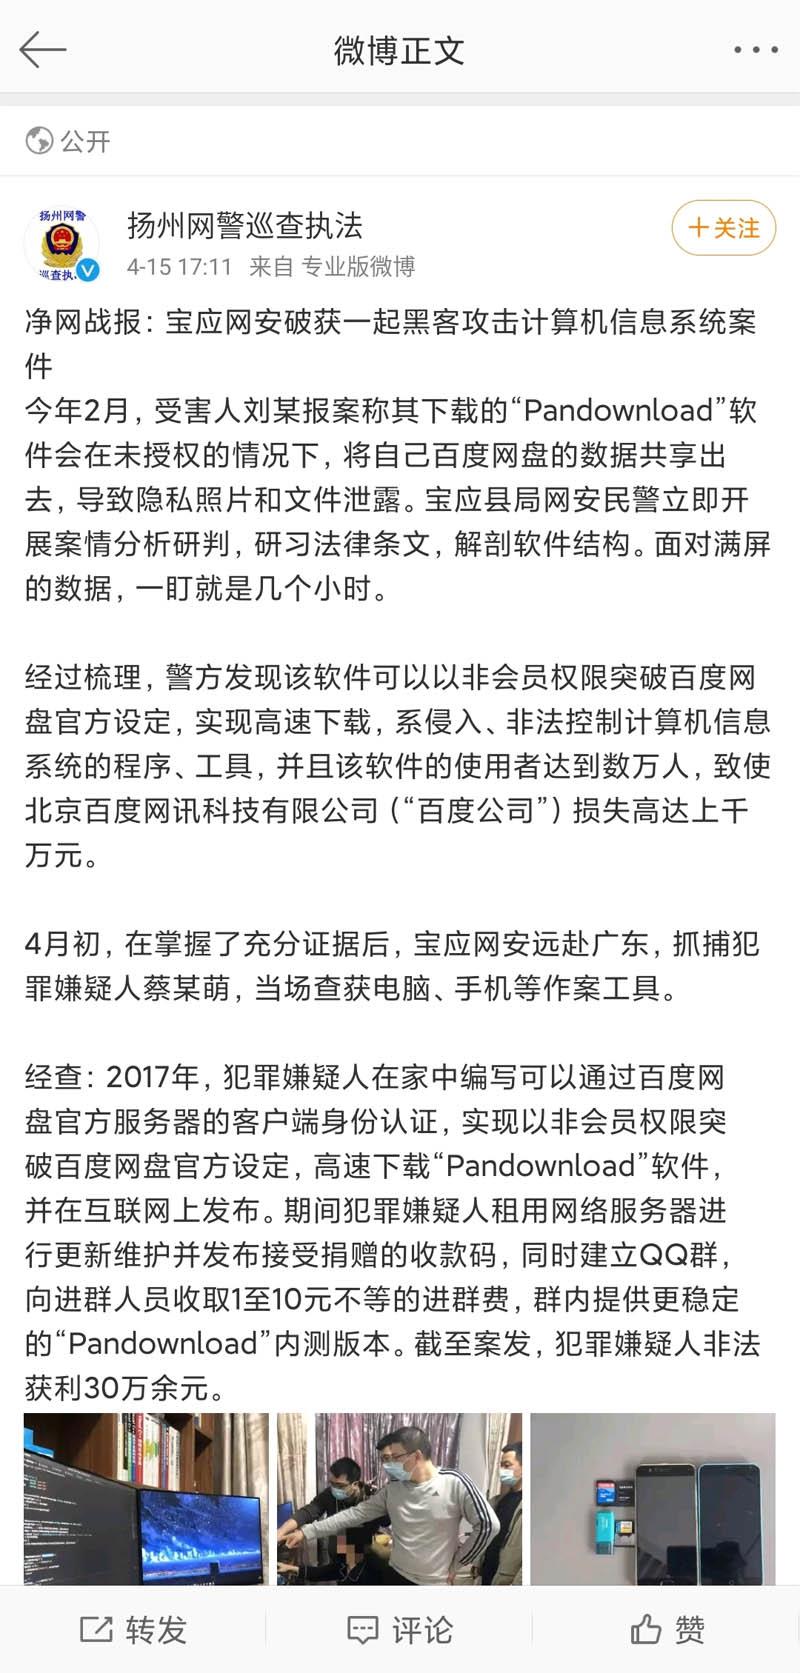 pandown作者被抓,睿派克永久关站,本站也将下架侵权软件